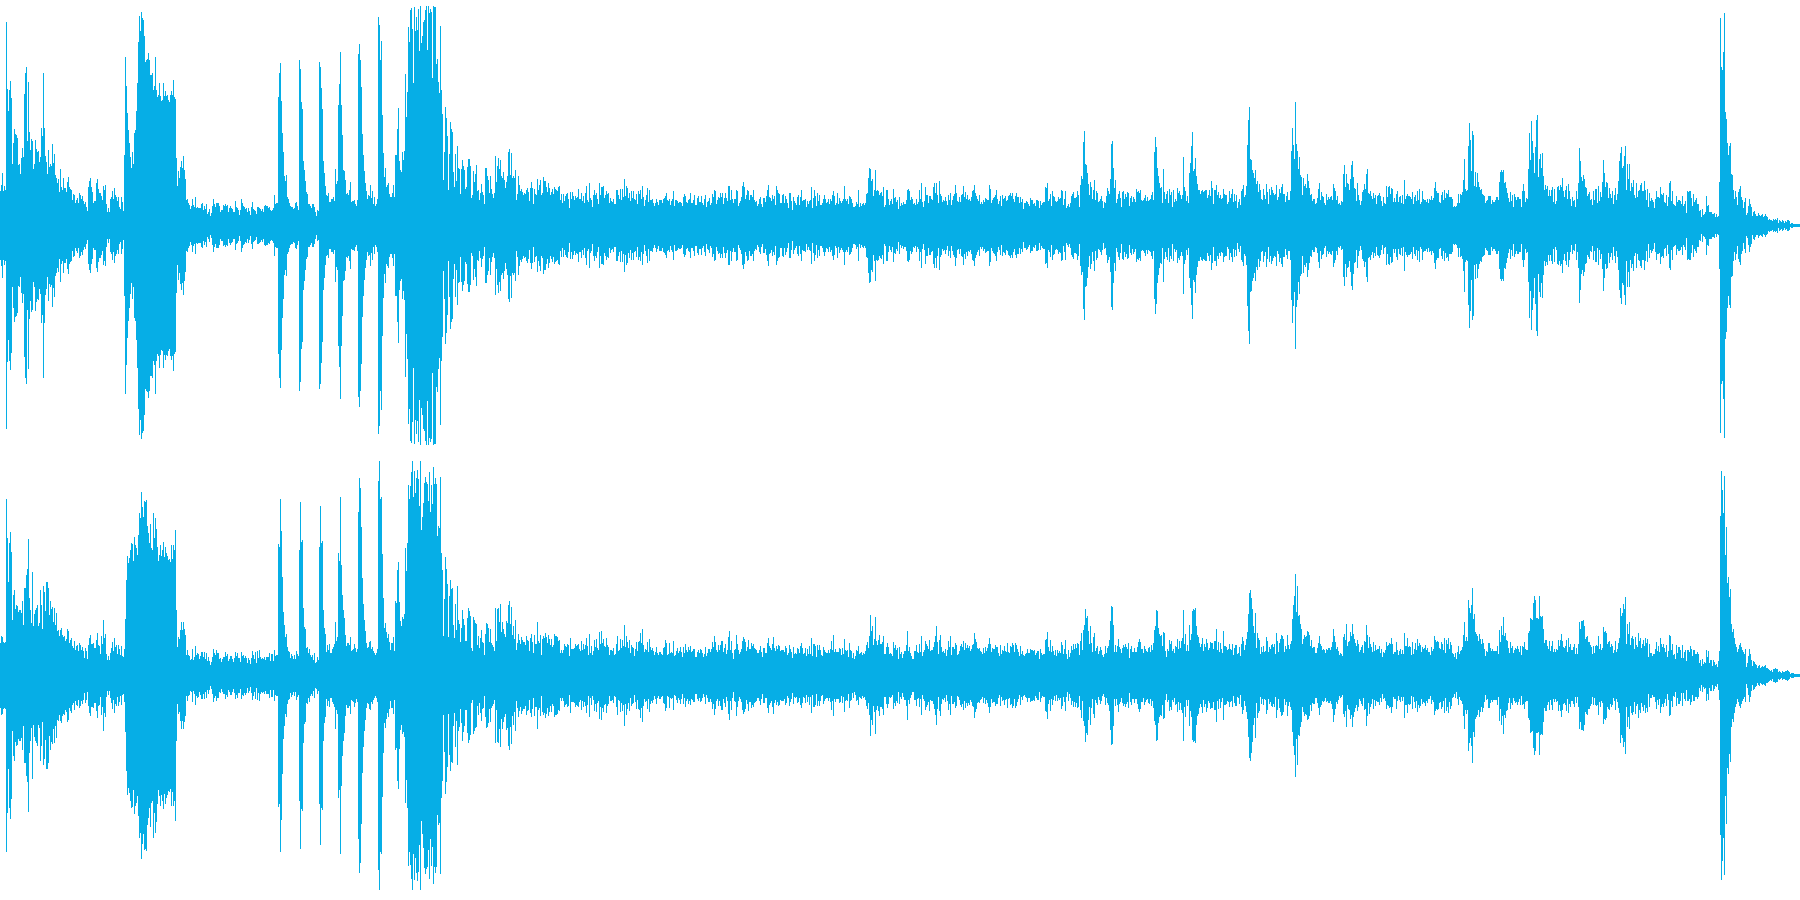 瞬間湯沸かし器生録音の再生済みの波形